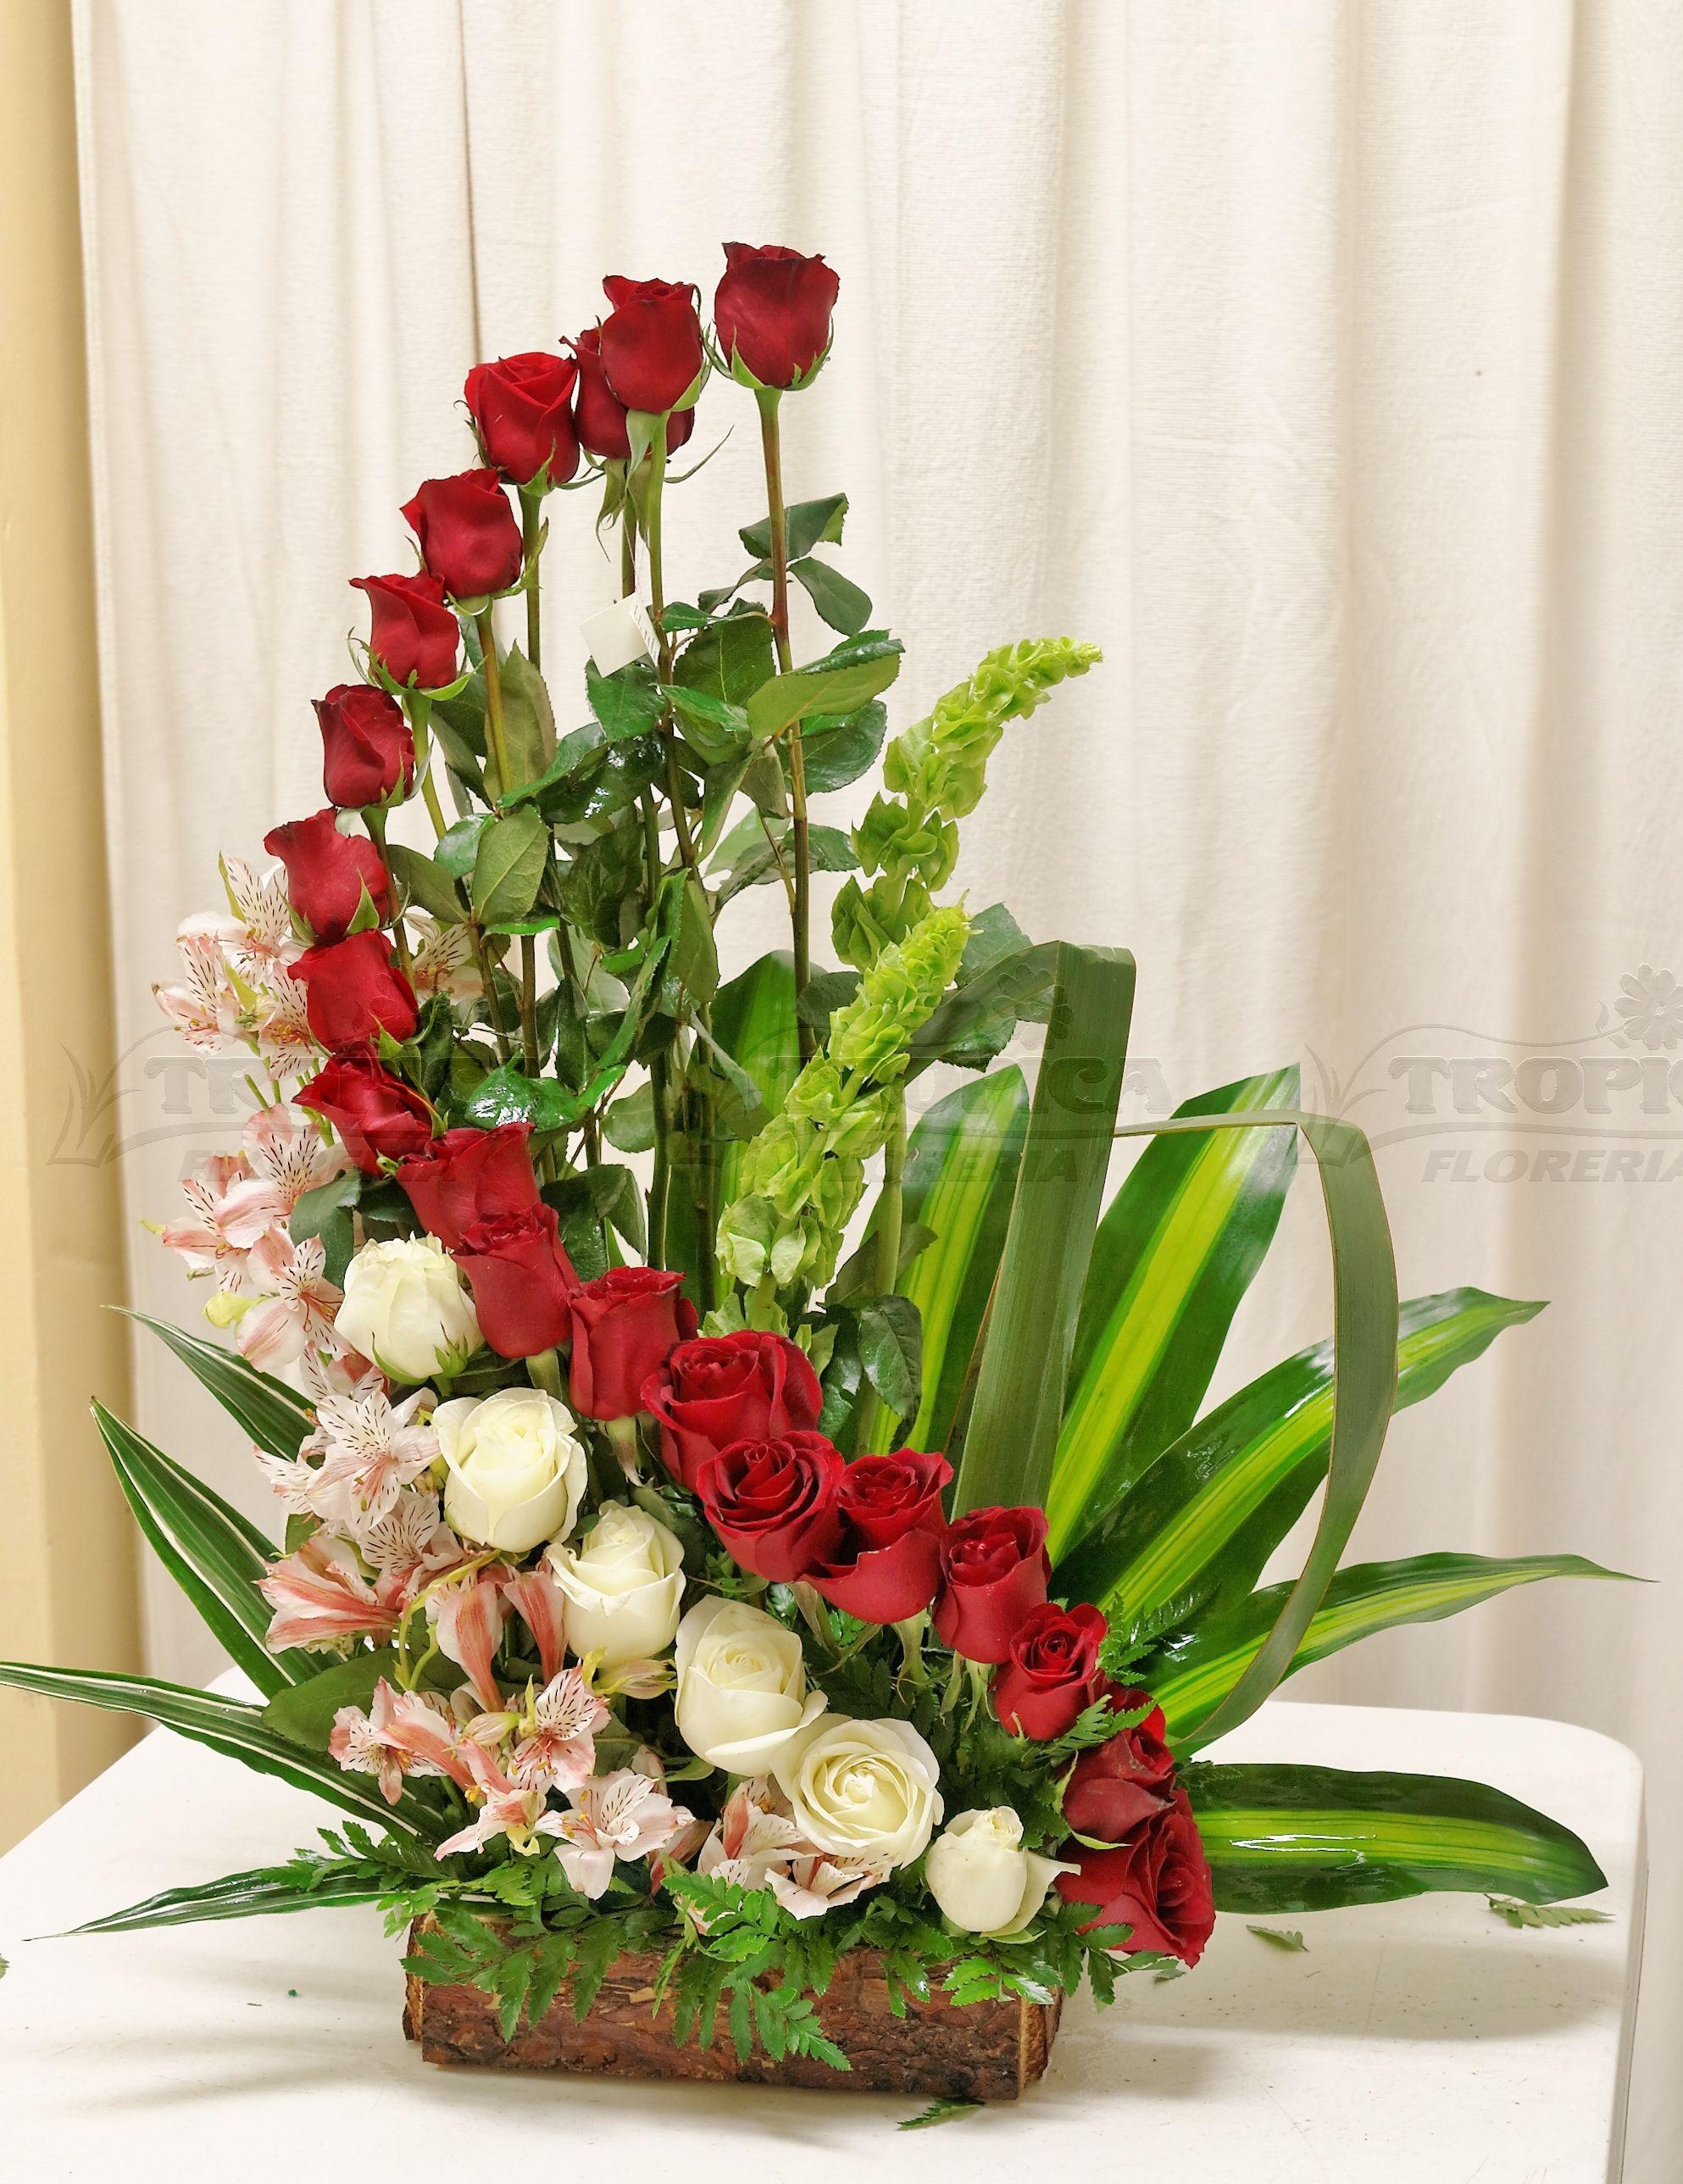 Arreglo De Rosas En Escalera Tropica Floreria Flower